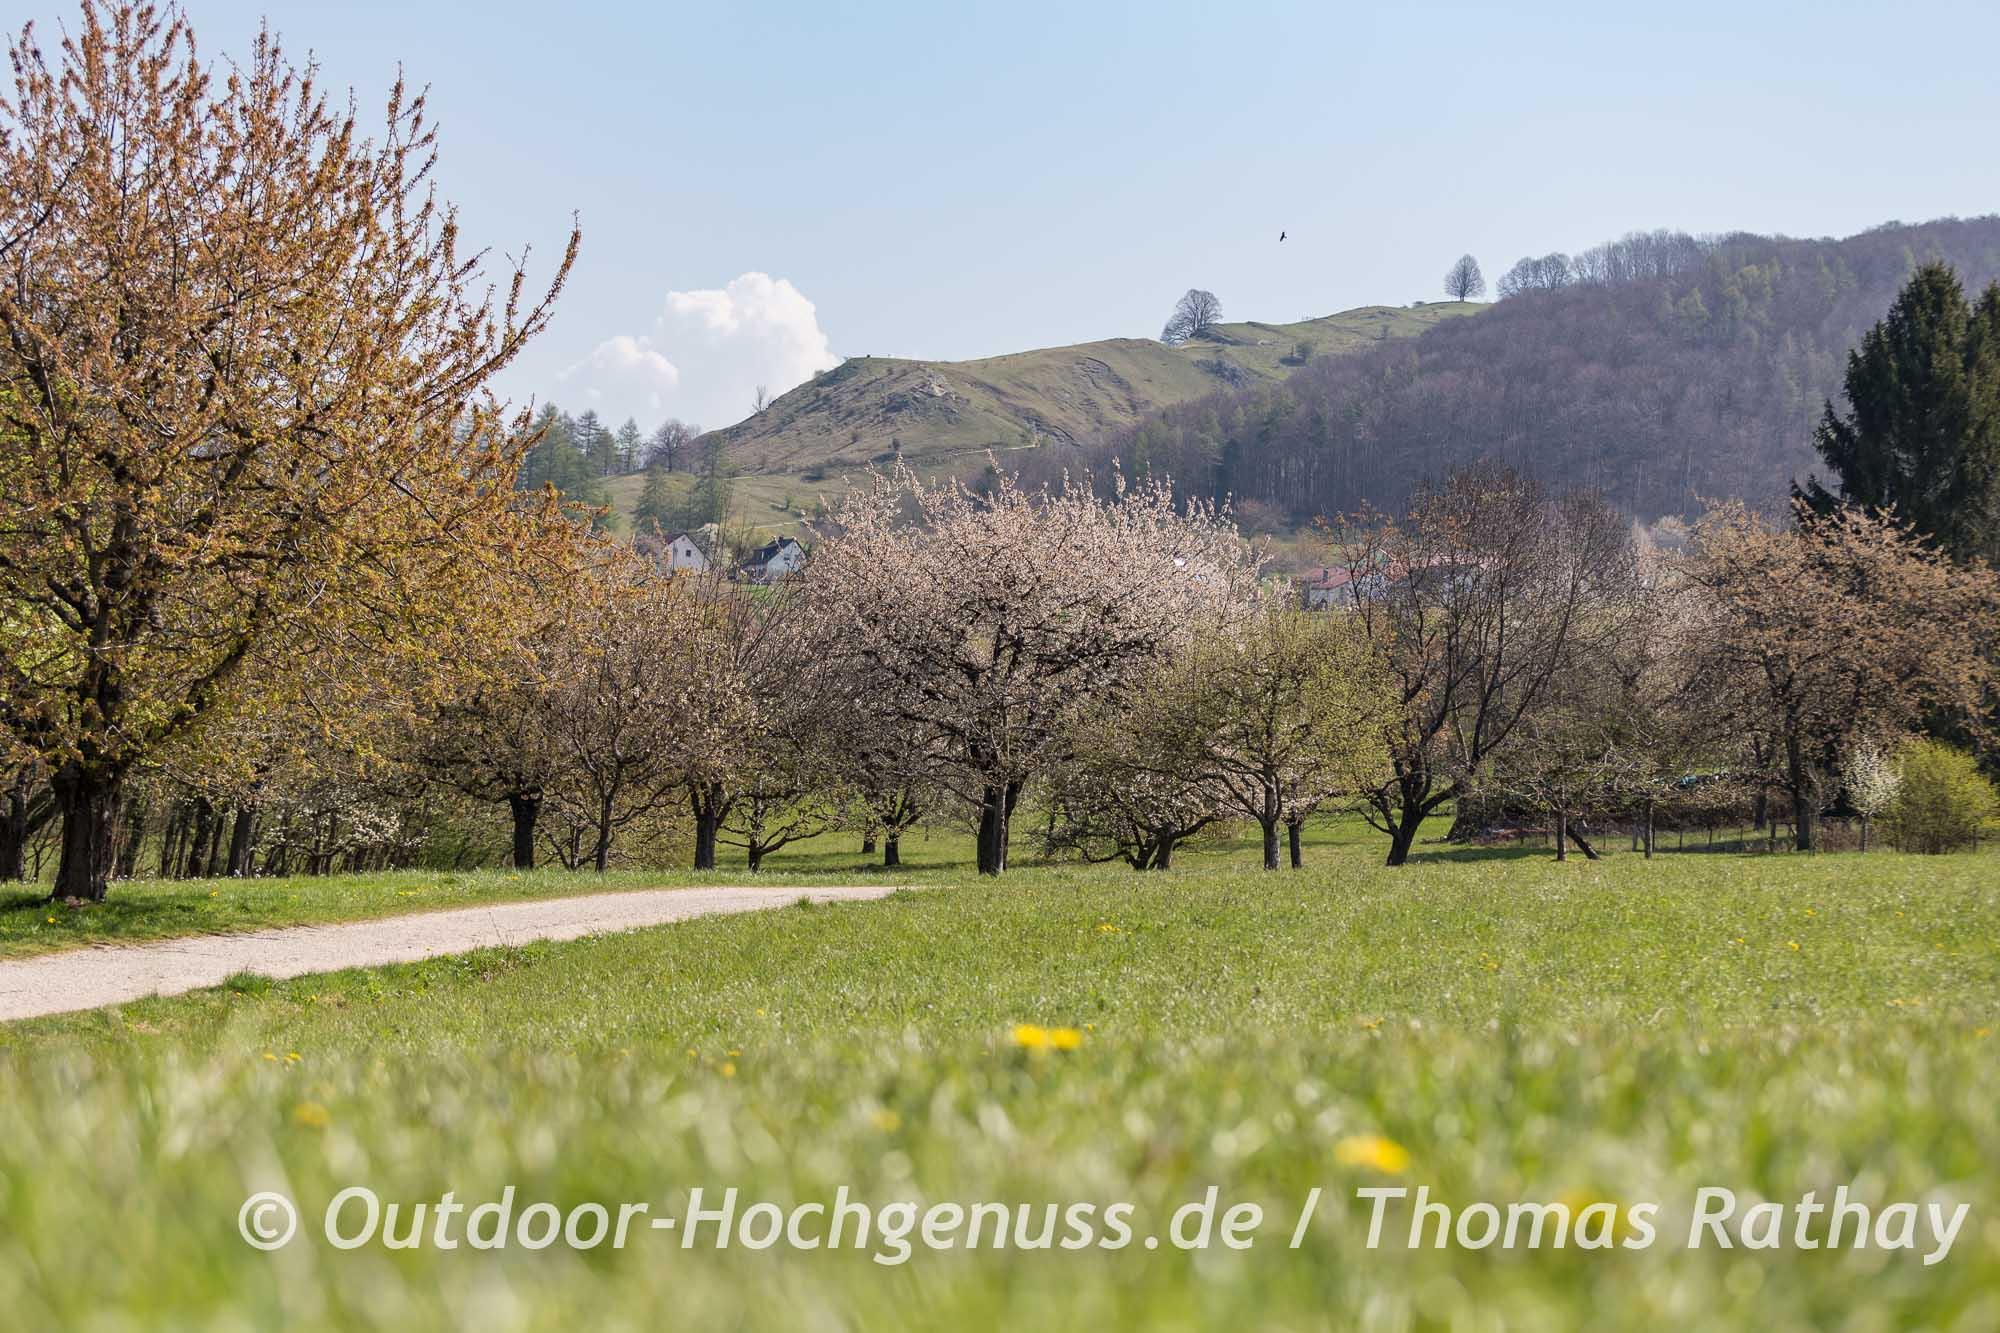 Wandern auf dem Gustav-Ströhmfeld-Weg auf der Schwäbischen Alb